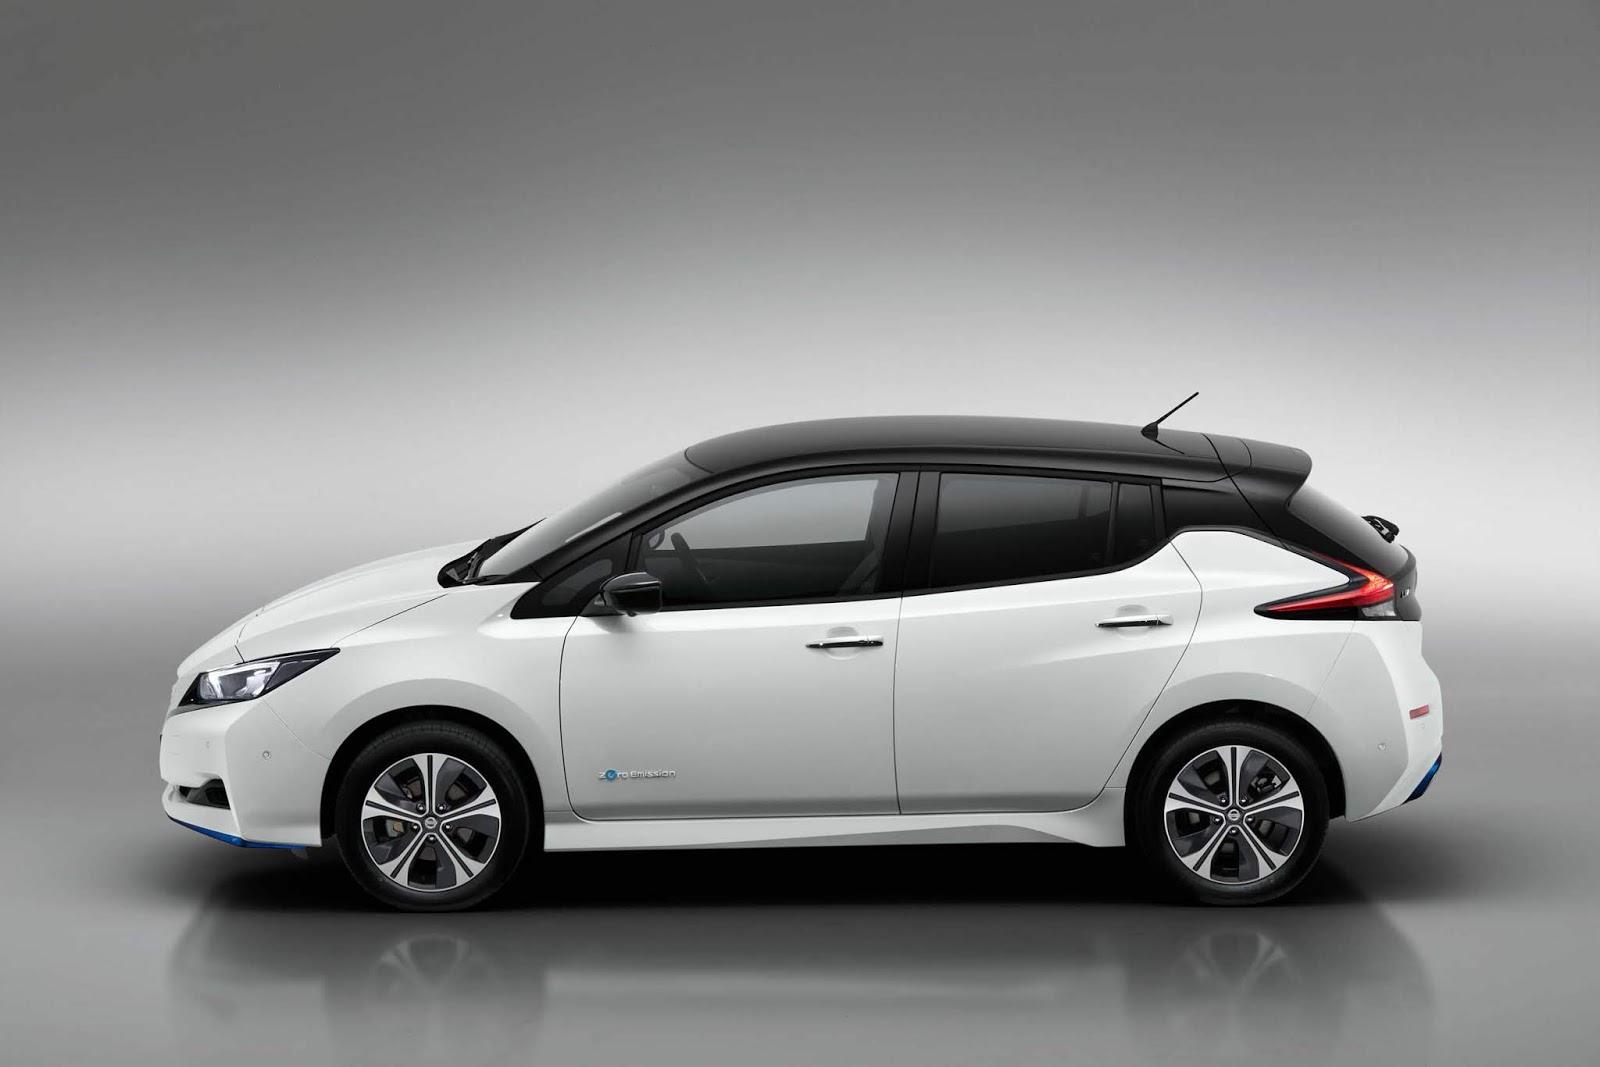 Τα ηλεκτρικά Nissan LEAF 3.ZERO και LEAF 3.ZERO e + Limited Edition, με μεγαλύτερη απόδοση και εμβέλεια